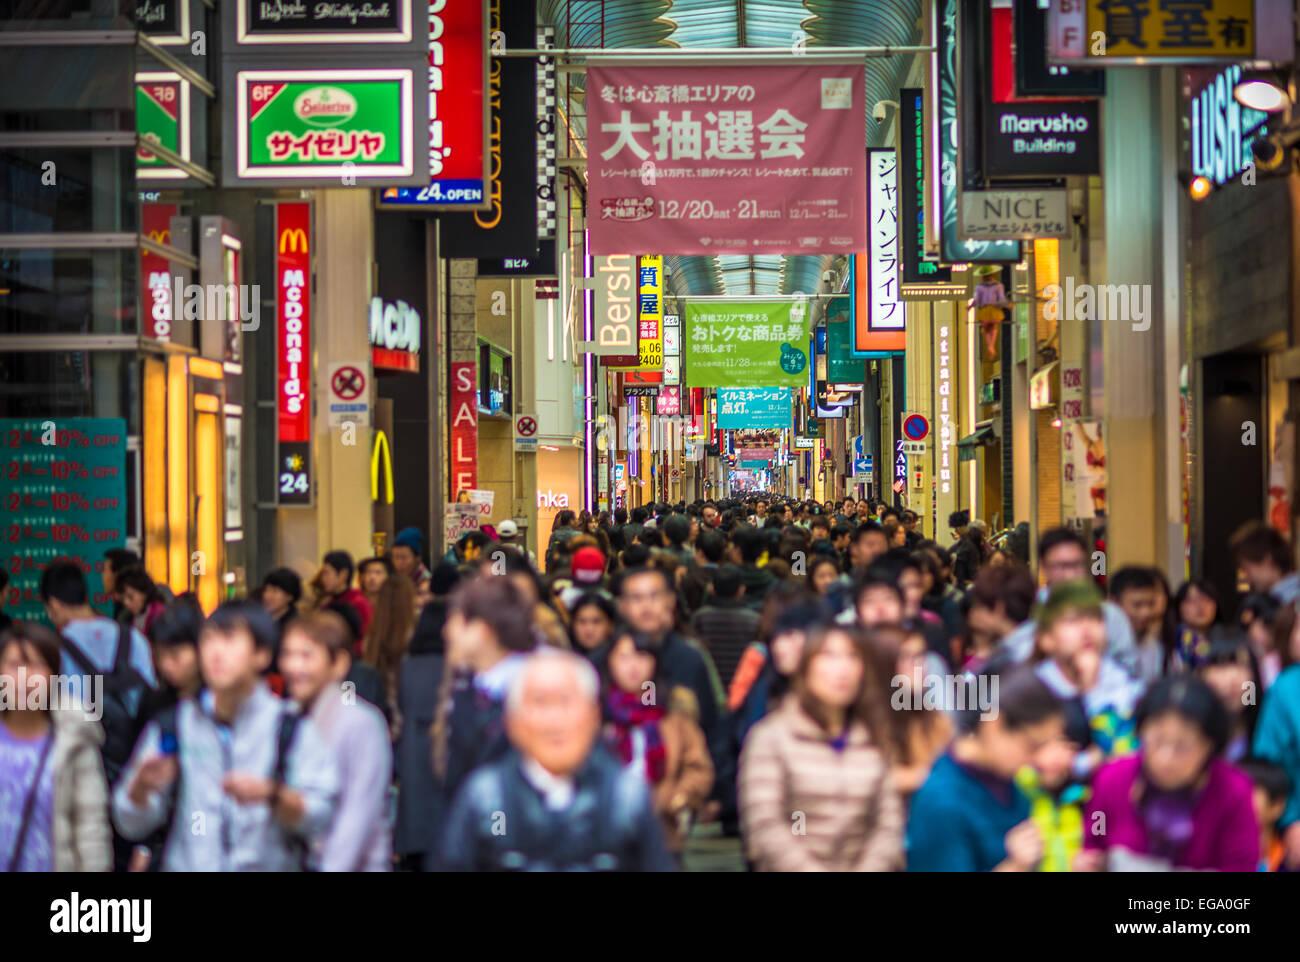 Überfüllten Shinsaibashi Einkaufsstraße in Osaka, Japan, Gesichter unscharf gestellt Stockbild